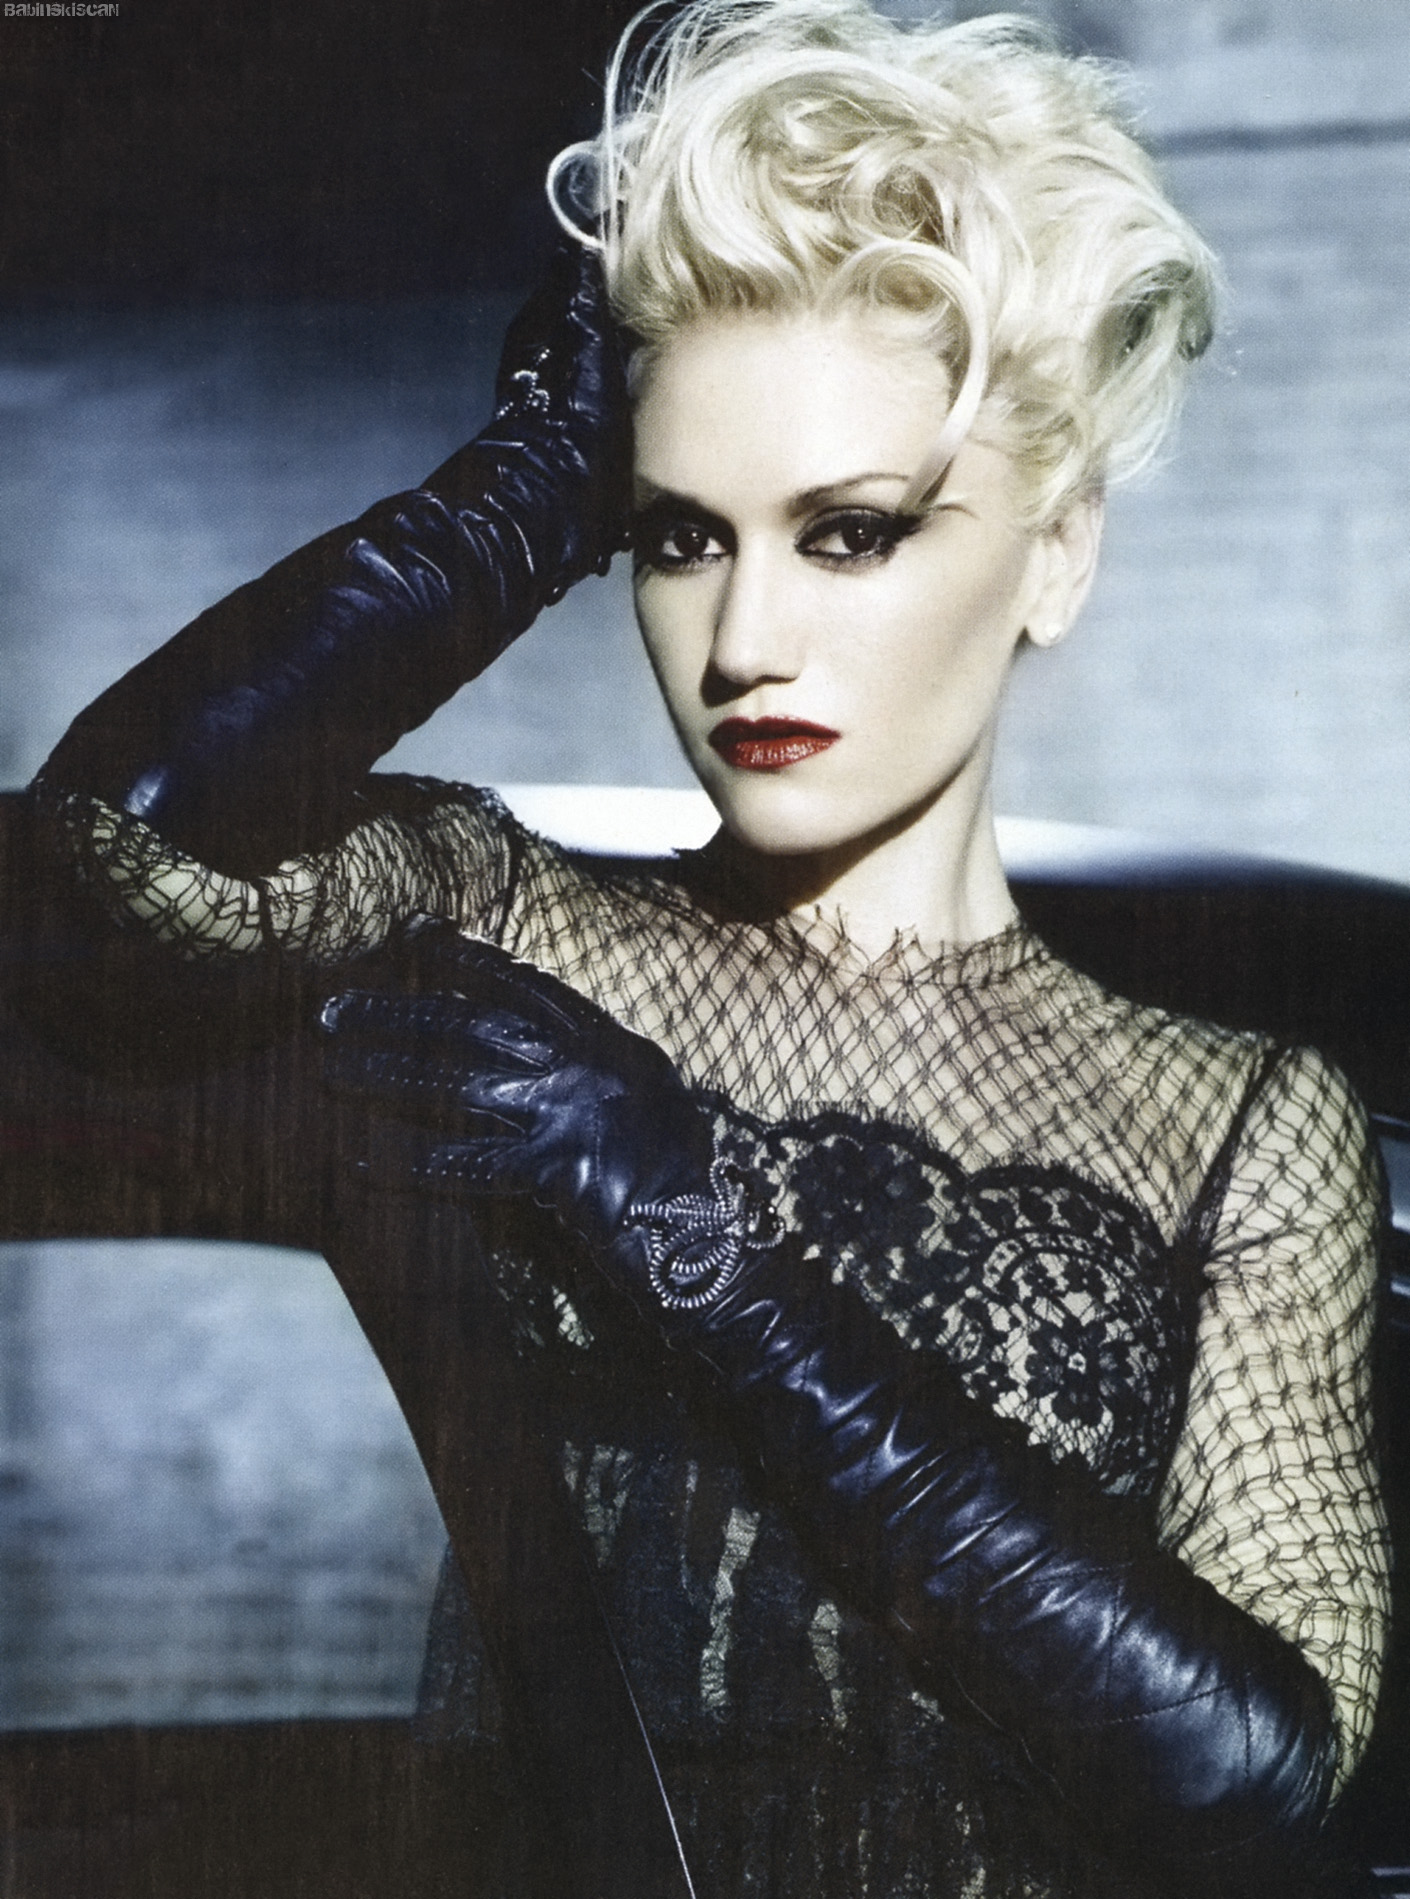 Gwen 2 - Gwen Stefani